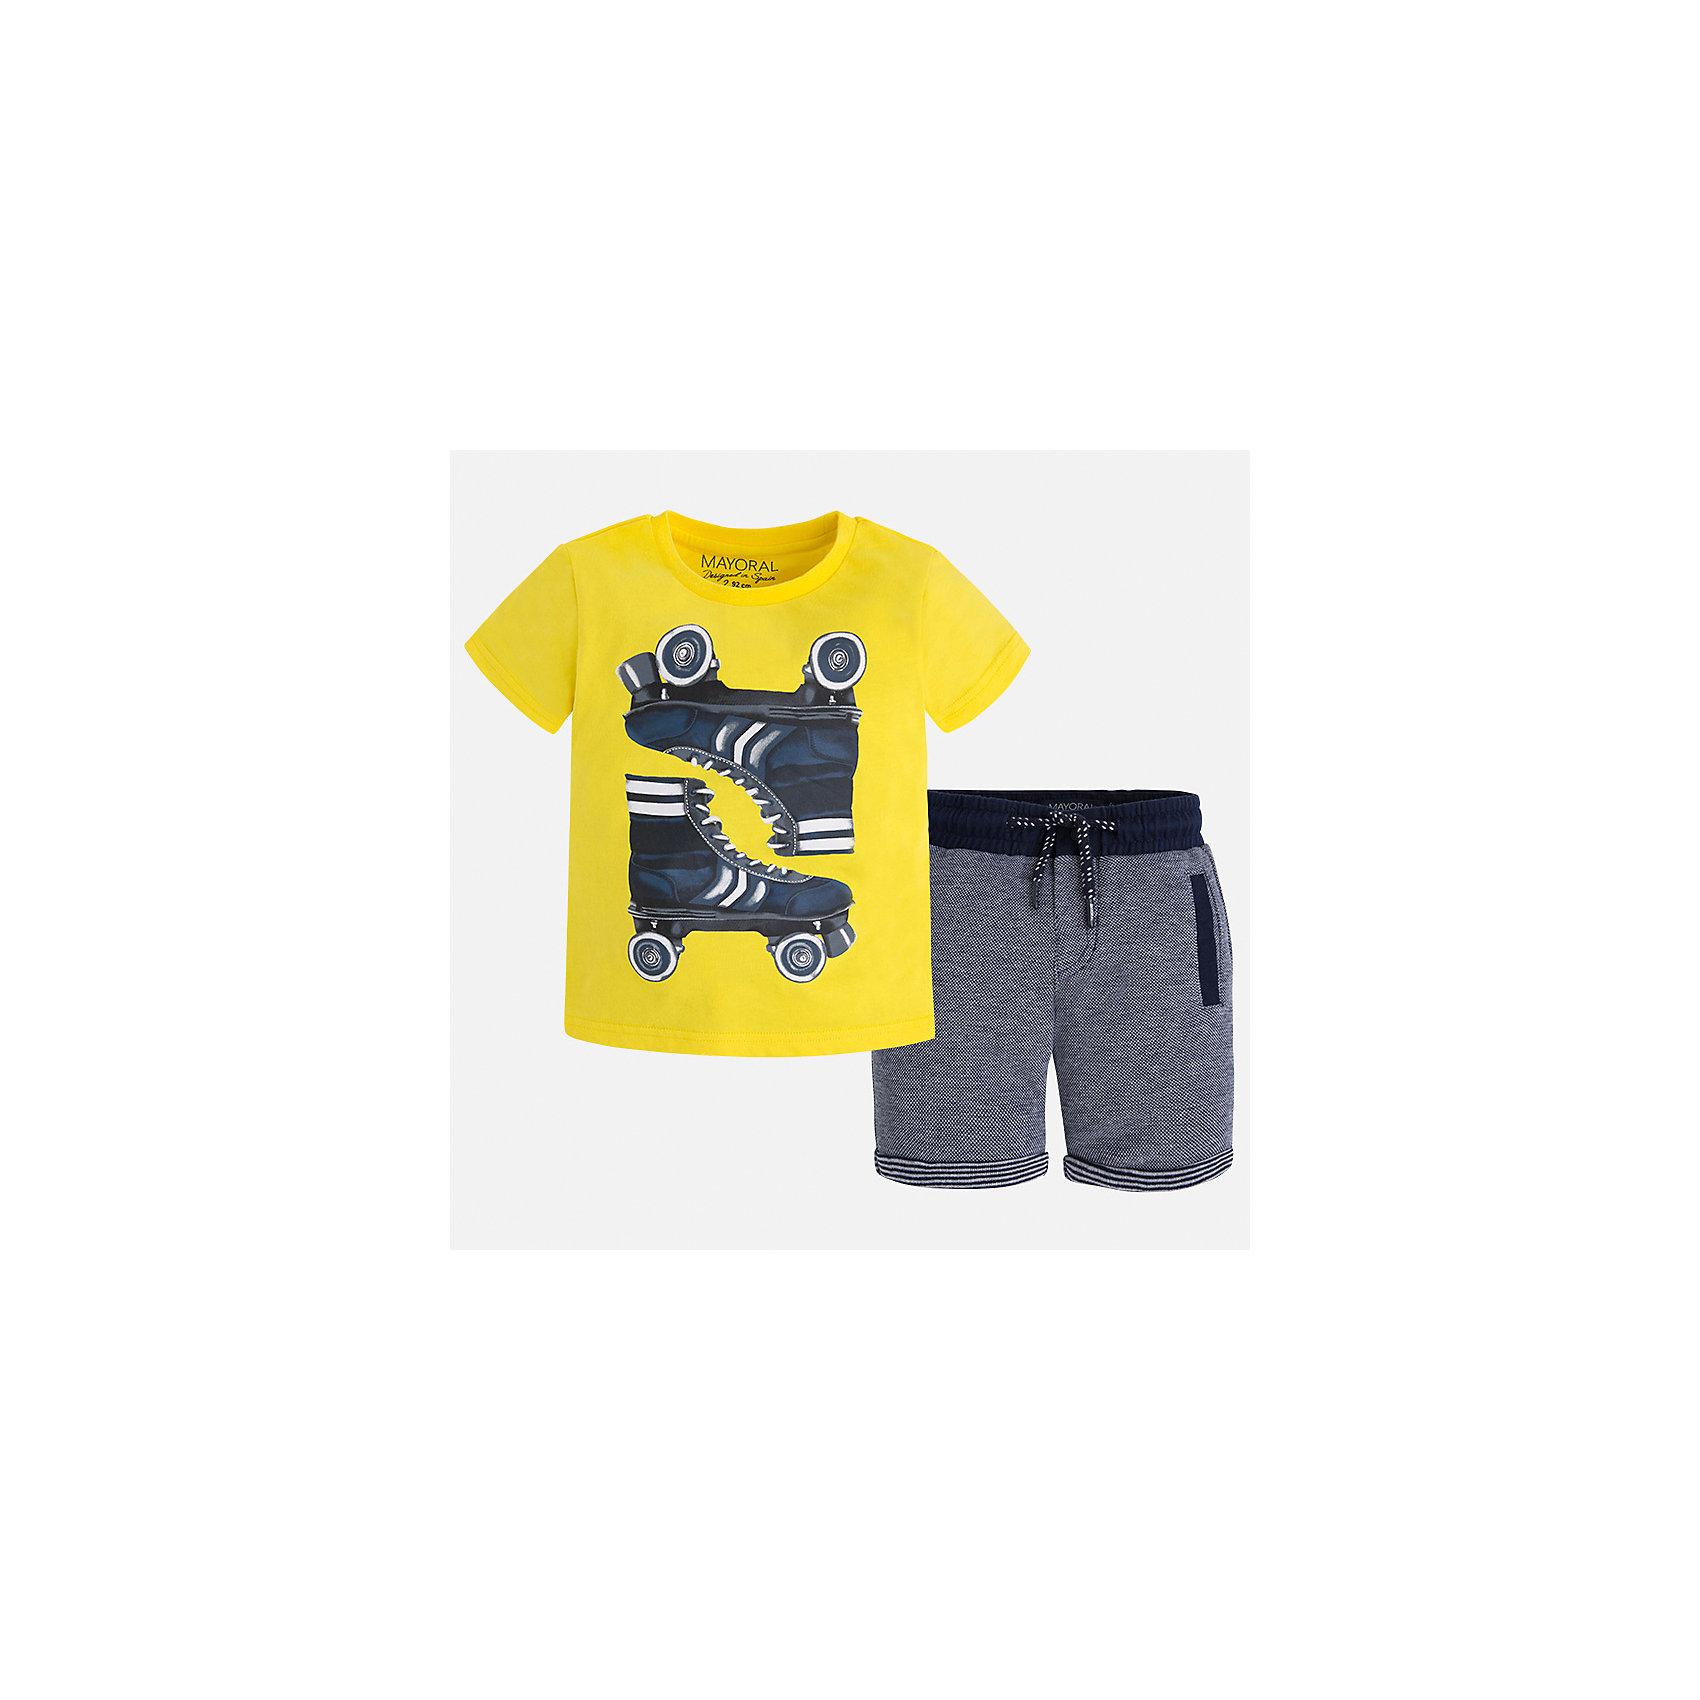 Комплект: футболка и шорты для мальчика MayoralКомплекты<br>Характеристики товара:<br><br>• цвет: жёлтый/синий<br>• состав: футболка - 100% хлопок, шорты: 56% хлопок, 44% полиэстер<br>• комплектация: шорты, футболка<br>• круглый горловой вырез<br>• декорирована принтом<br>• короткие рукава<br>• шорты - пояс со шнурком<br>• страна бренда: Испания<br><br>Стильная удобная футболка с принтом и шорты помогут разнообразить гардероб мальчика и удобно одеться. Универсальный цвет позволяет подобрать к вещам верхнюю одежду практически любой расцветки. Интересная отделка модели делает её нарядной и оригинальной. В составе материала - только натуральный хлопок, гипоаллергенный, приятный на ощупь, дышащий.<br><br>Одежда, обувь и аксессуары от испанского бренда Mayoral полюбились детям и взрослым по всему миру. Модели этой марки - стильные и удобные. Для их производства используются только безопасные, качественные материалы и фурнитура. Порадуйте ребенка модными и красивыми вещами от Mayoral! <br><br>Комплект для мальчика от испанского бренда Mayoral (Майорал) можно купить в нашем интернет-магазине.<br><br>Ширина мм: 191<br>Глубина мм: 10<br>Высота мм: 175<br>Вес г: 273<br>Цвет: желтый<br>Возраст от месяцев: 96<br>Возраст до месяцев: 108<br>Пол: Мужской<br>Возраст: Детский<br>Размер: 134,110,122,128,116,104,92,98<br>SKU: 5280937